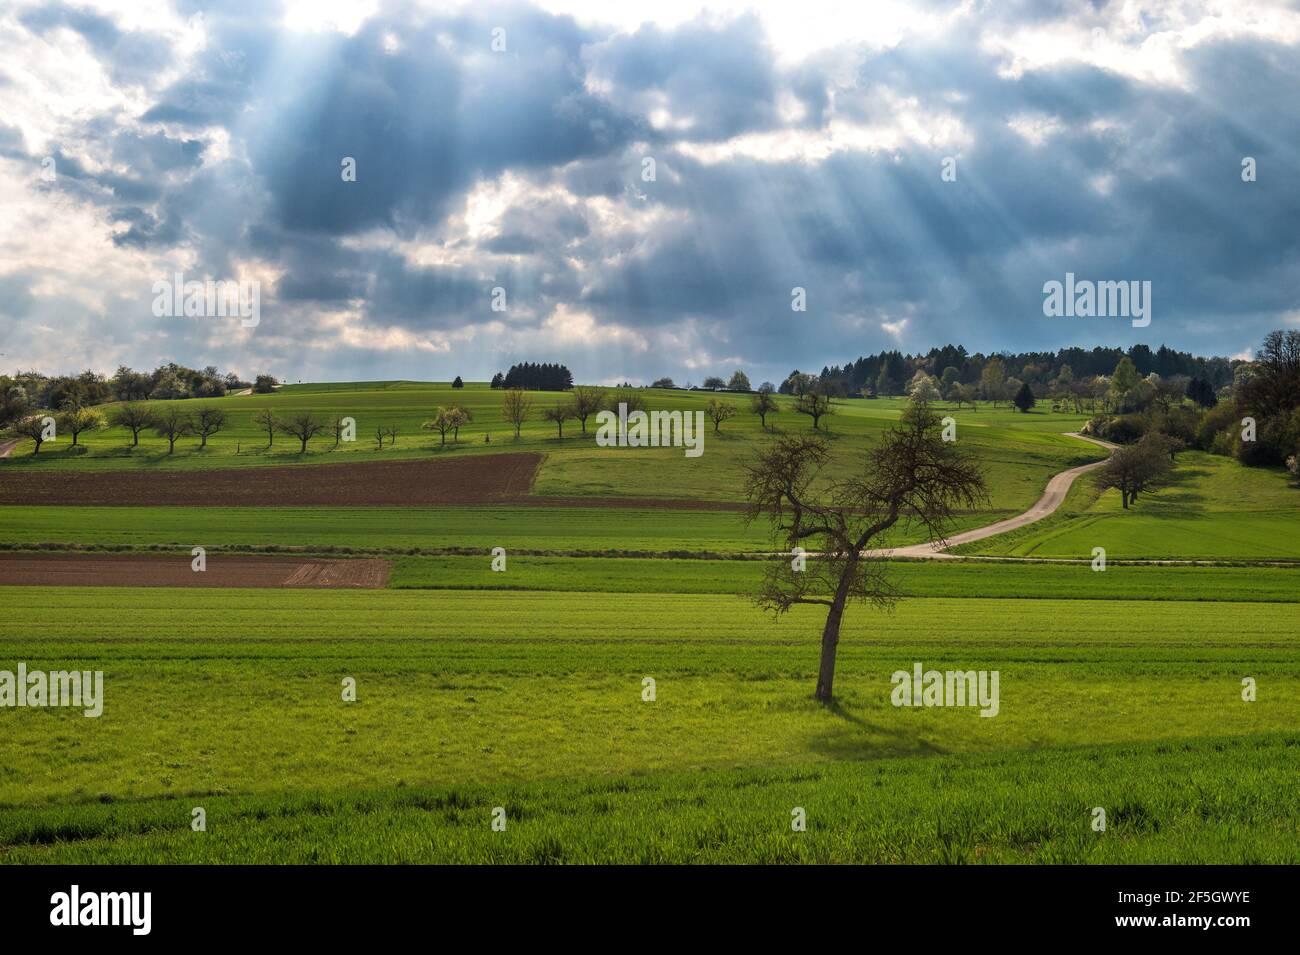 Paysage de printemps. Champ vert et ciel bleu spectaculaire avec rayons du soleil Banque D'Images